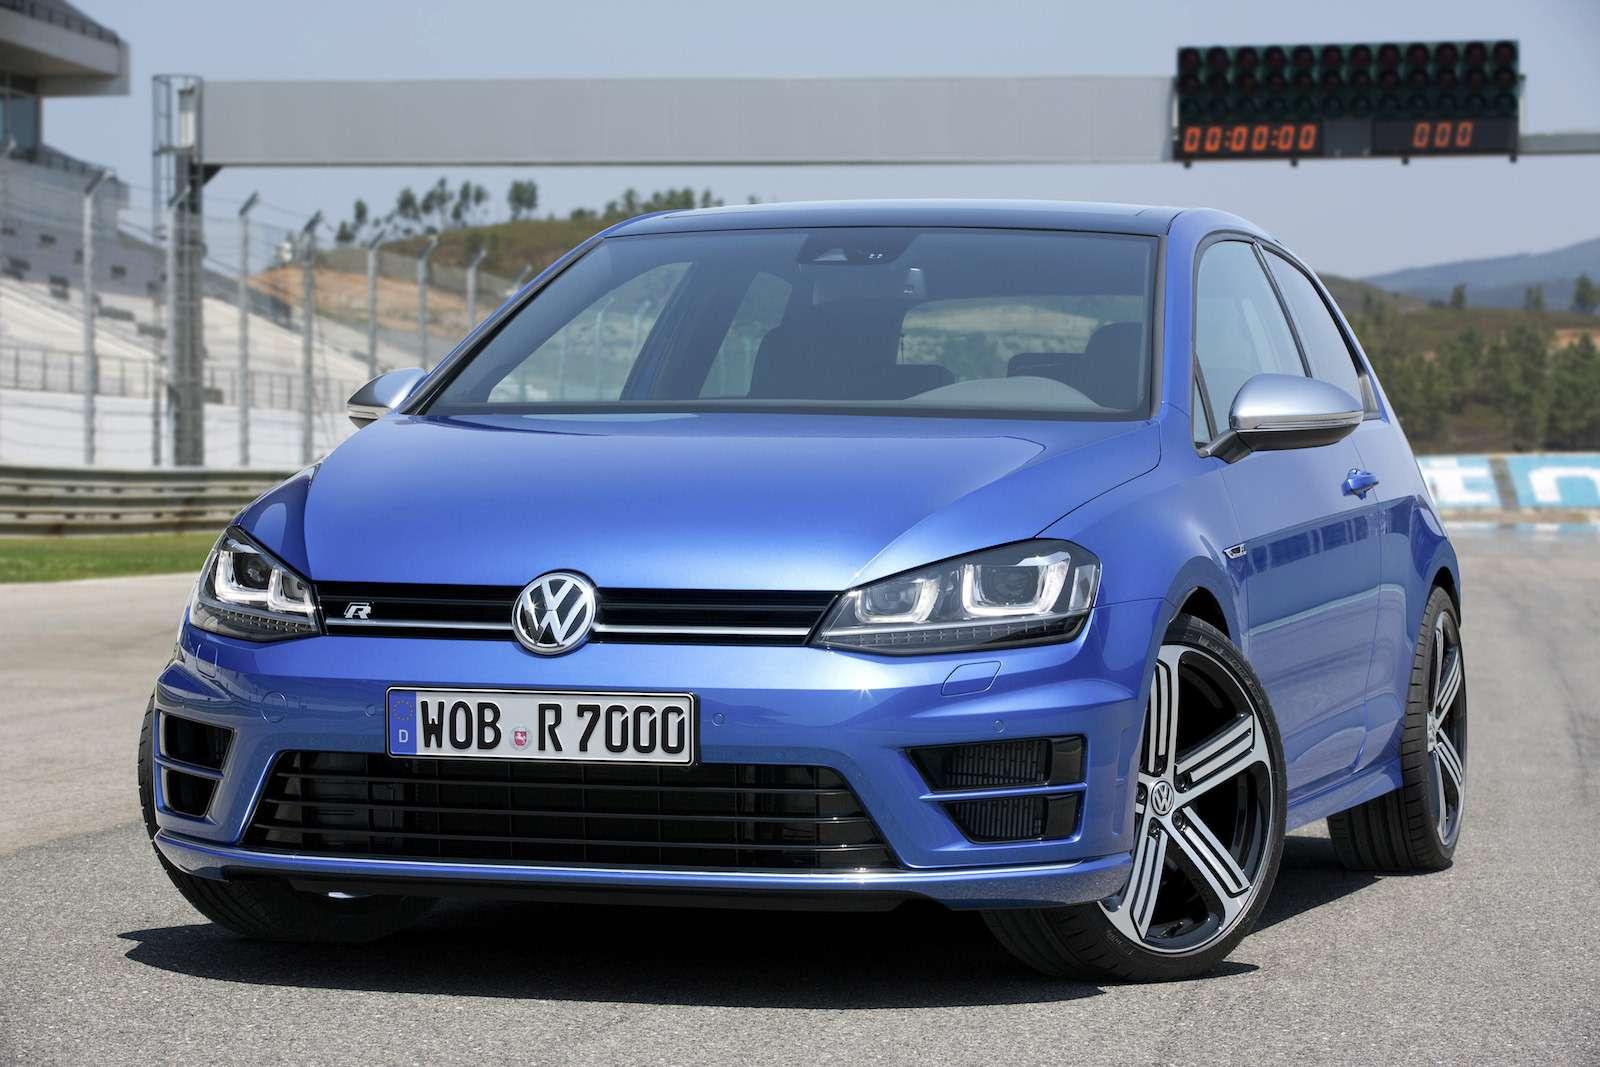 Derneue Volkswagen Golf R